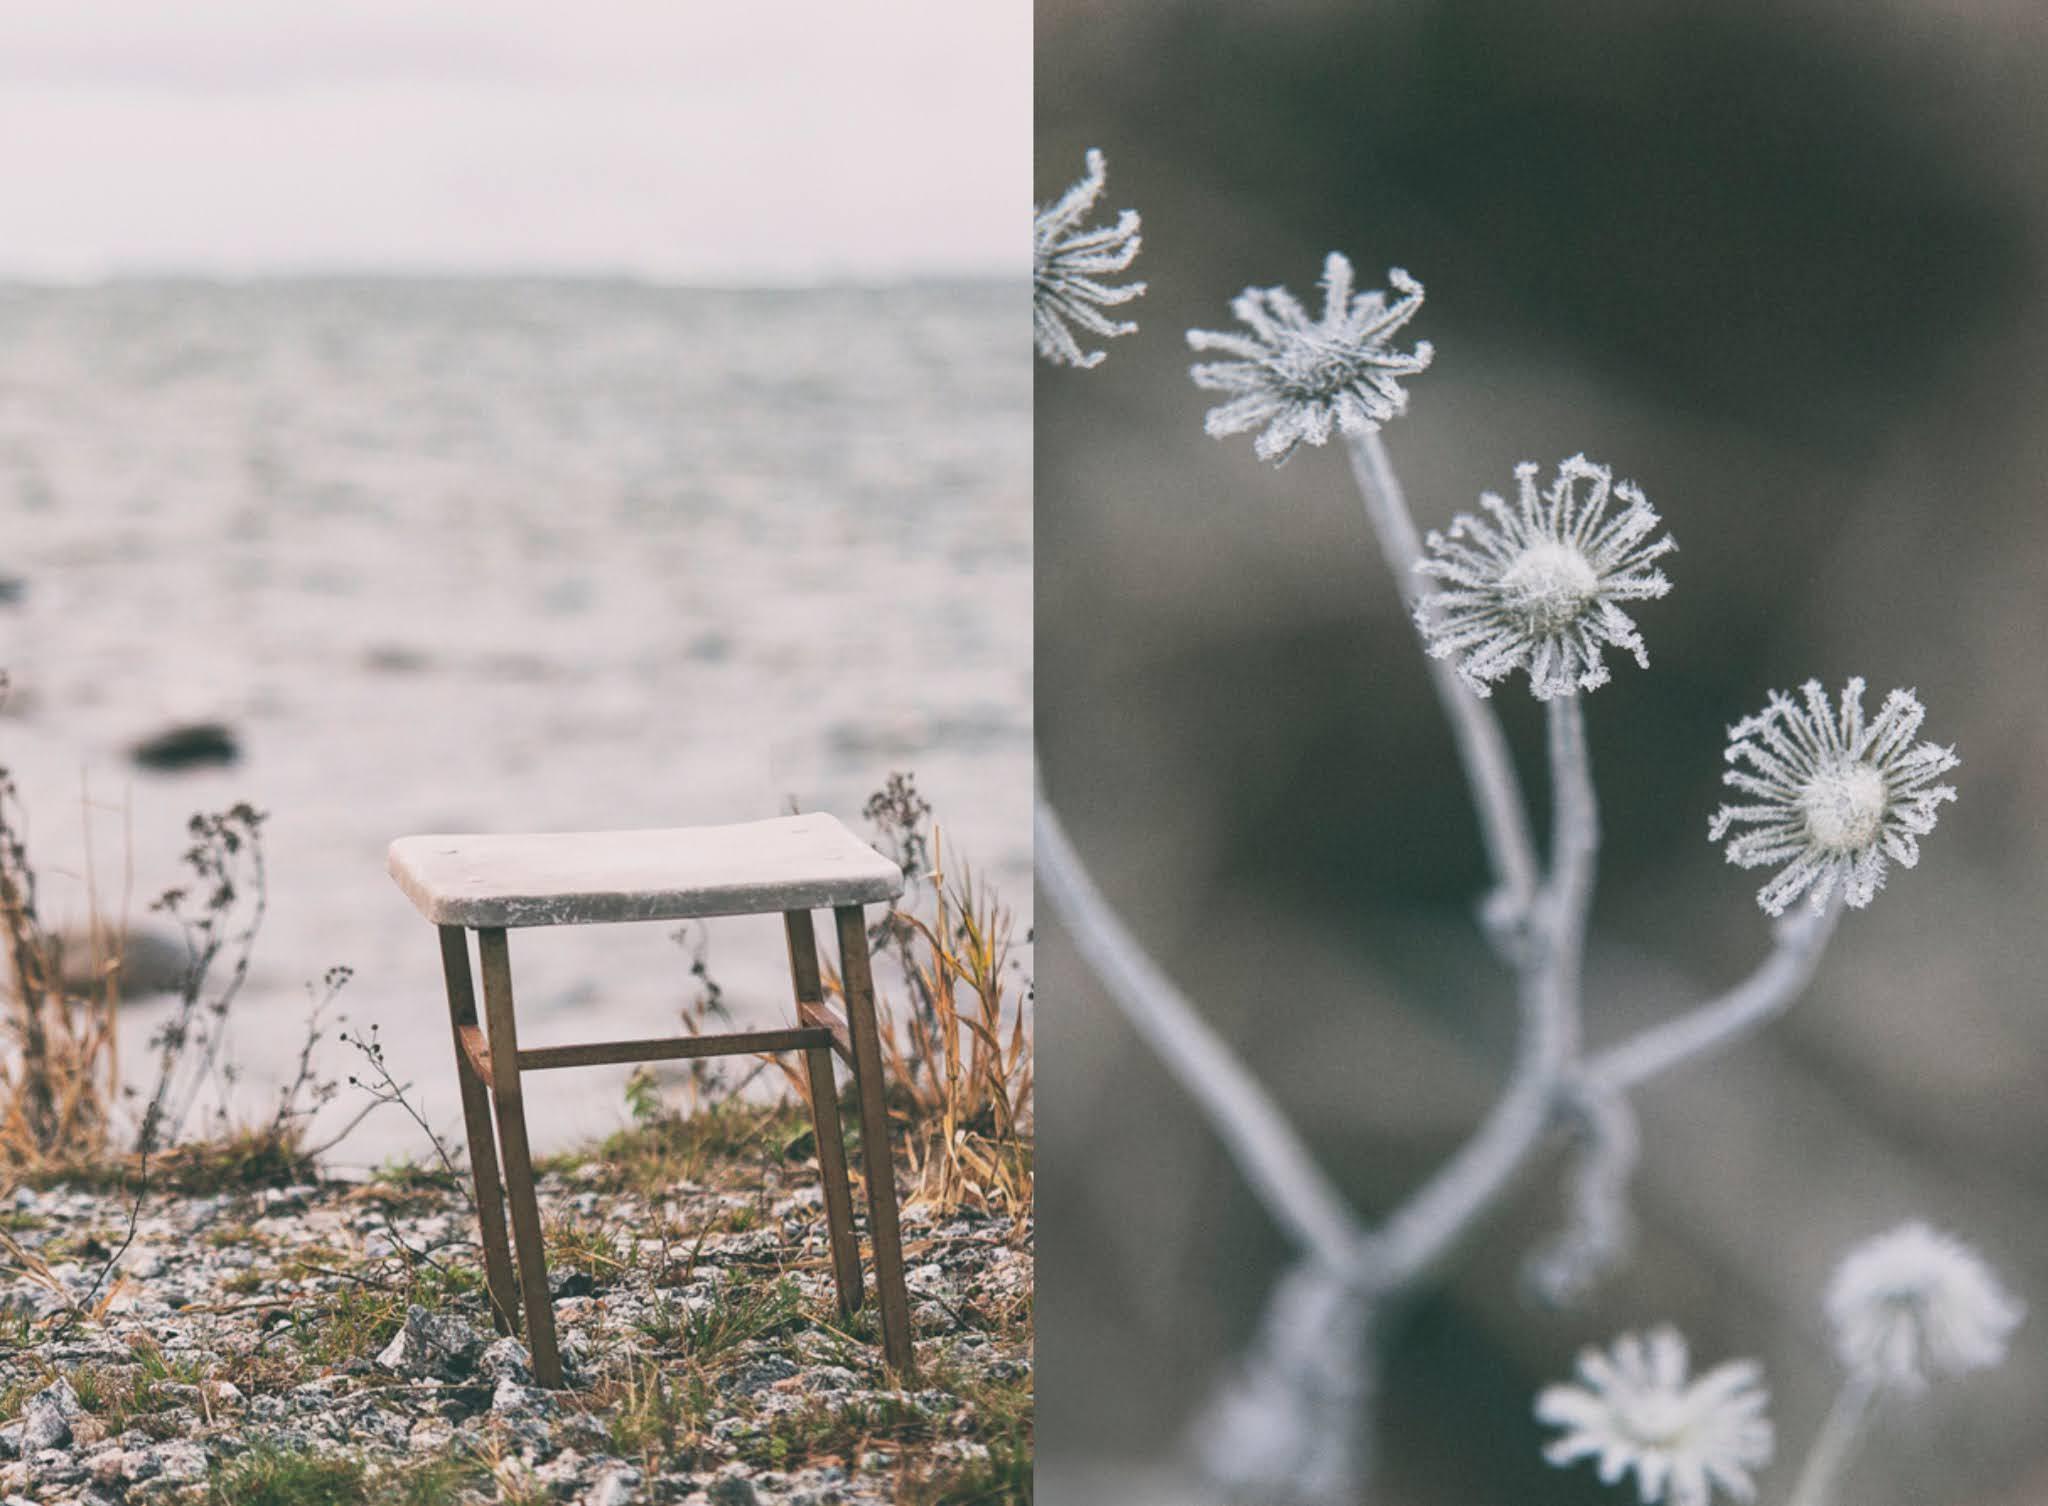 suomi, finland, visitfinland, finland, photolovers, photography, valokuvaaminen luontokuva, valokuvaaja, photographer, Frida Steiner, Visualaddictfrida, blogi, bloggari, Visualaddict, syksy, fall, autumn